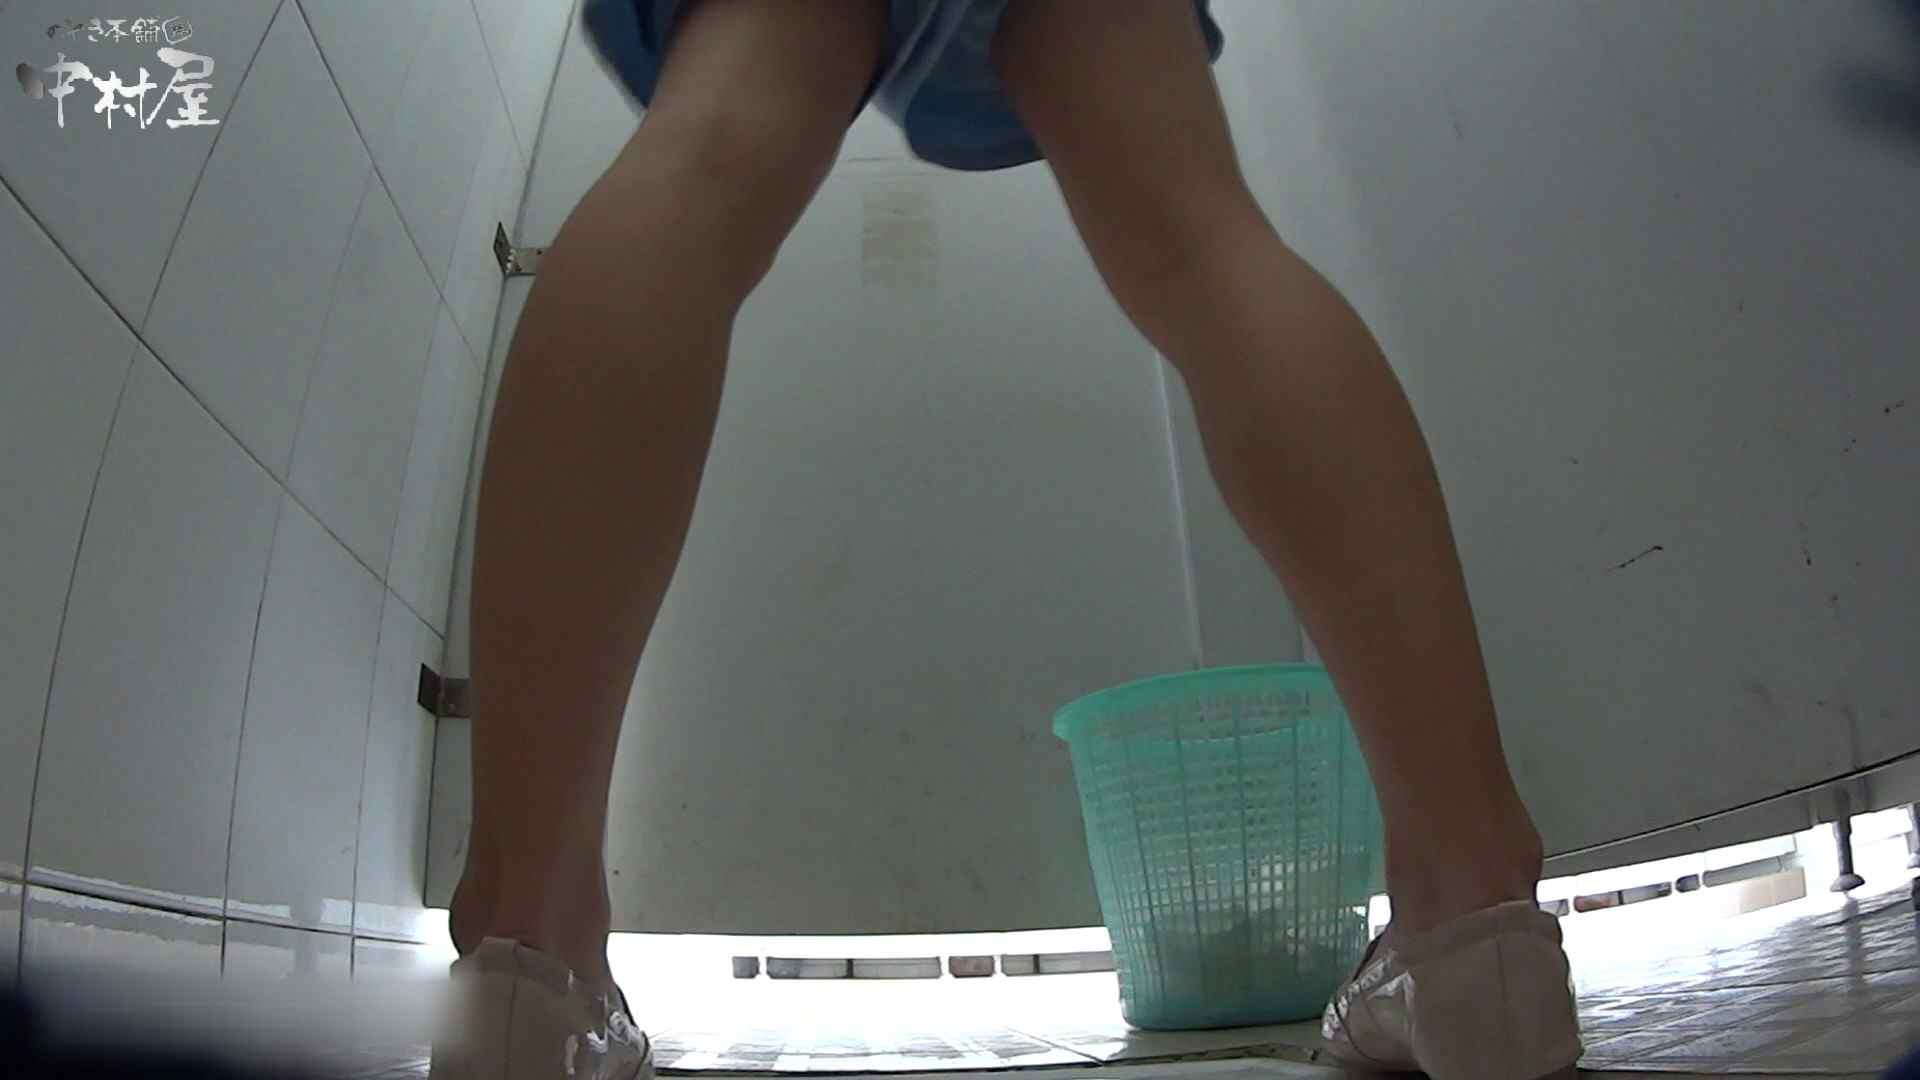 美しい女良たちのトイレ事情 有名大学休憩時間の洗面所事情06 高画質  101Pix 5